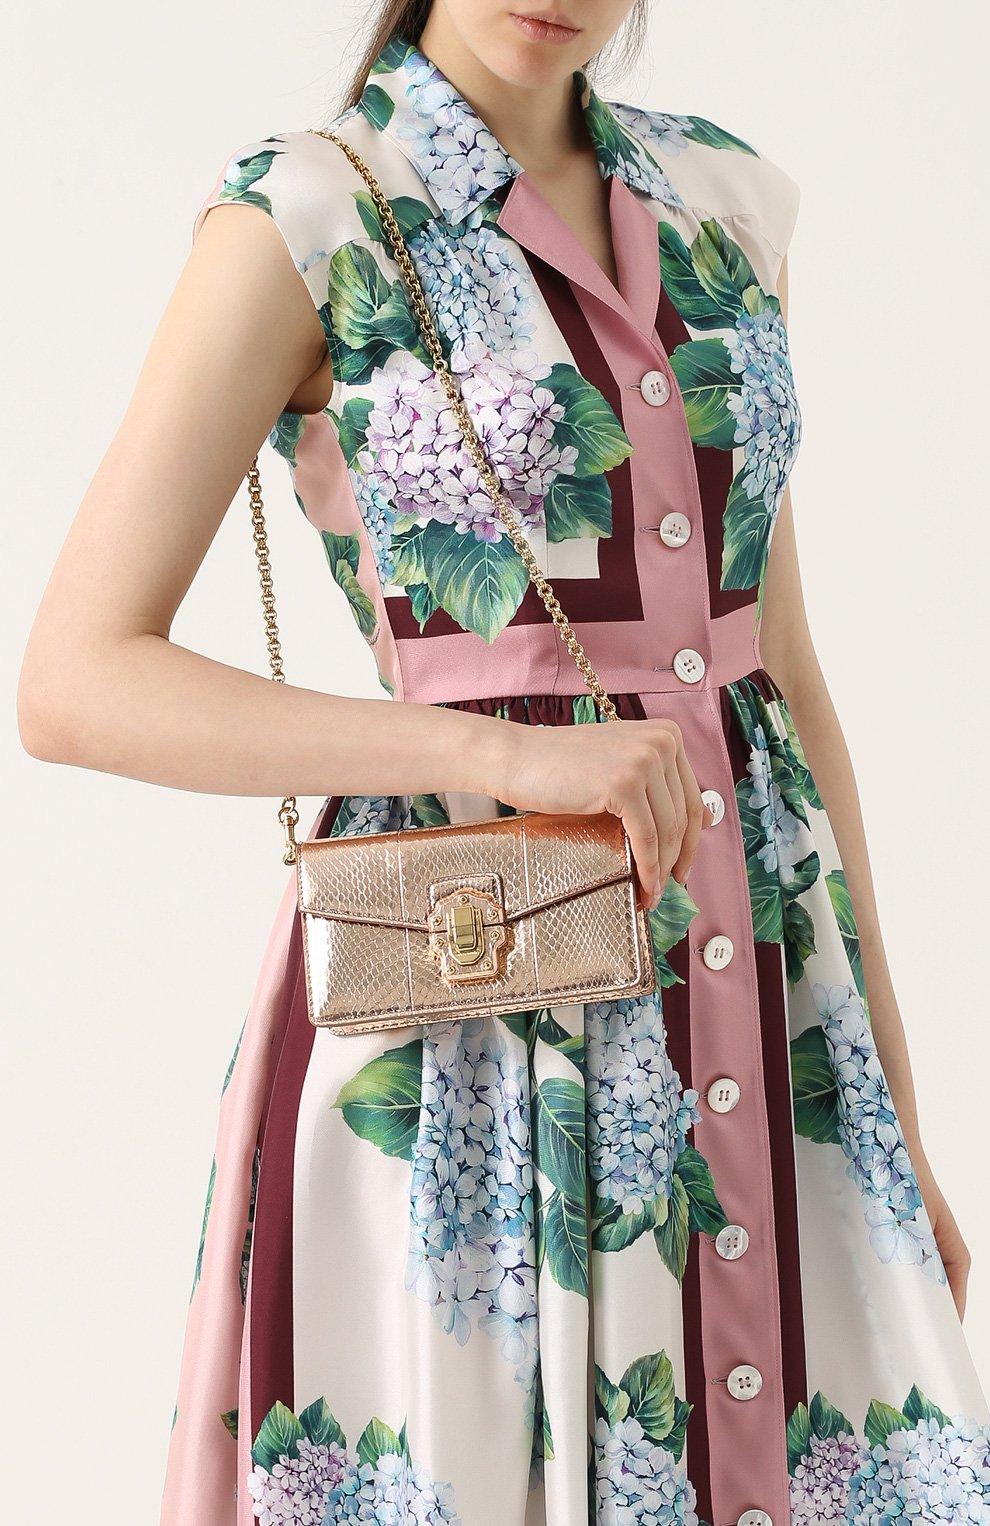 b55cceb69ac2 Золотые женские клатчи и вечерние сумки Dolce & Gabbana по цене от 105 000  руб. купить в интернет-магазине ЦУМ